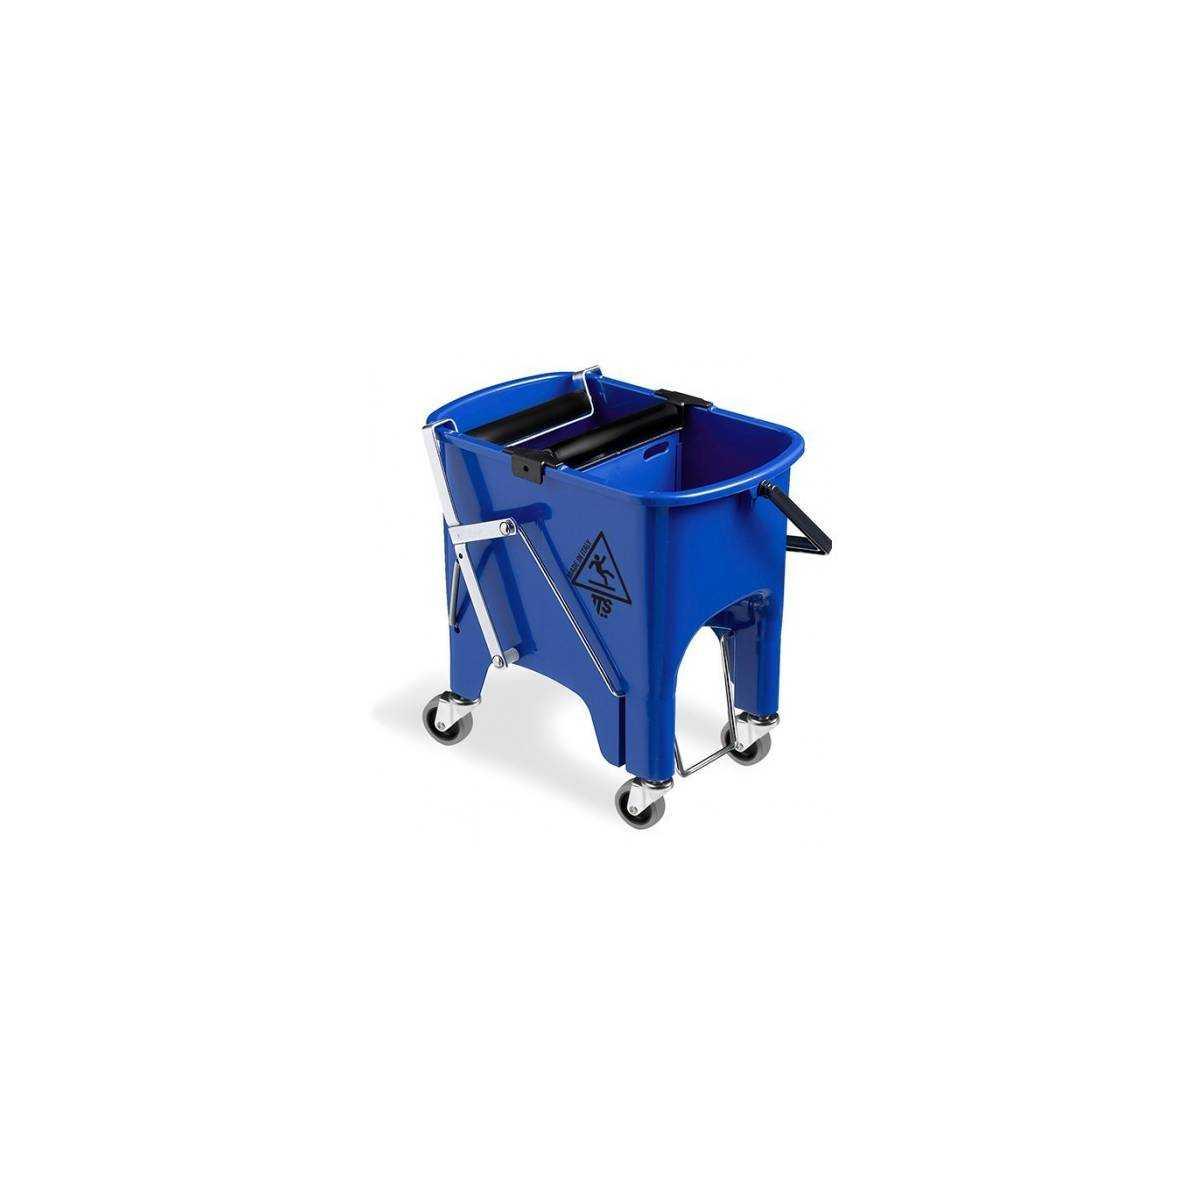 Ведро для уборки с отжимом SQUIZZY 15л на колесах (Синего цвета) 0B006415 TTS